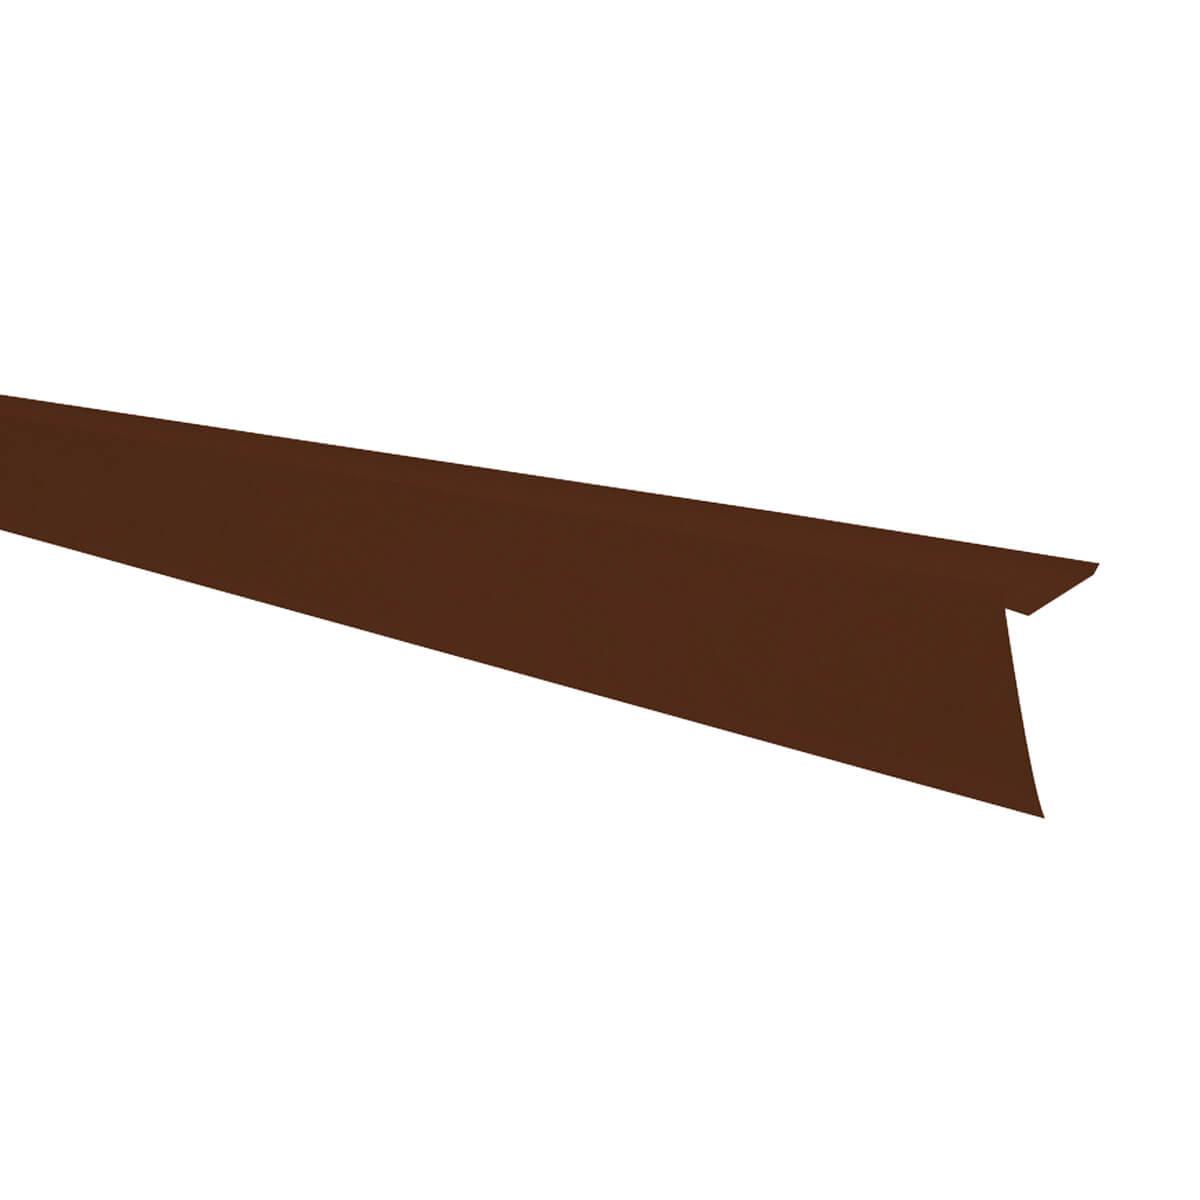 Aluminum Roof Edge - Brown